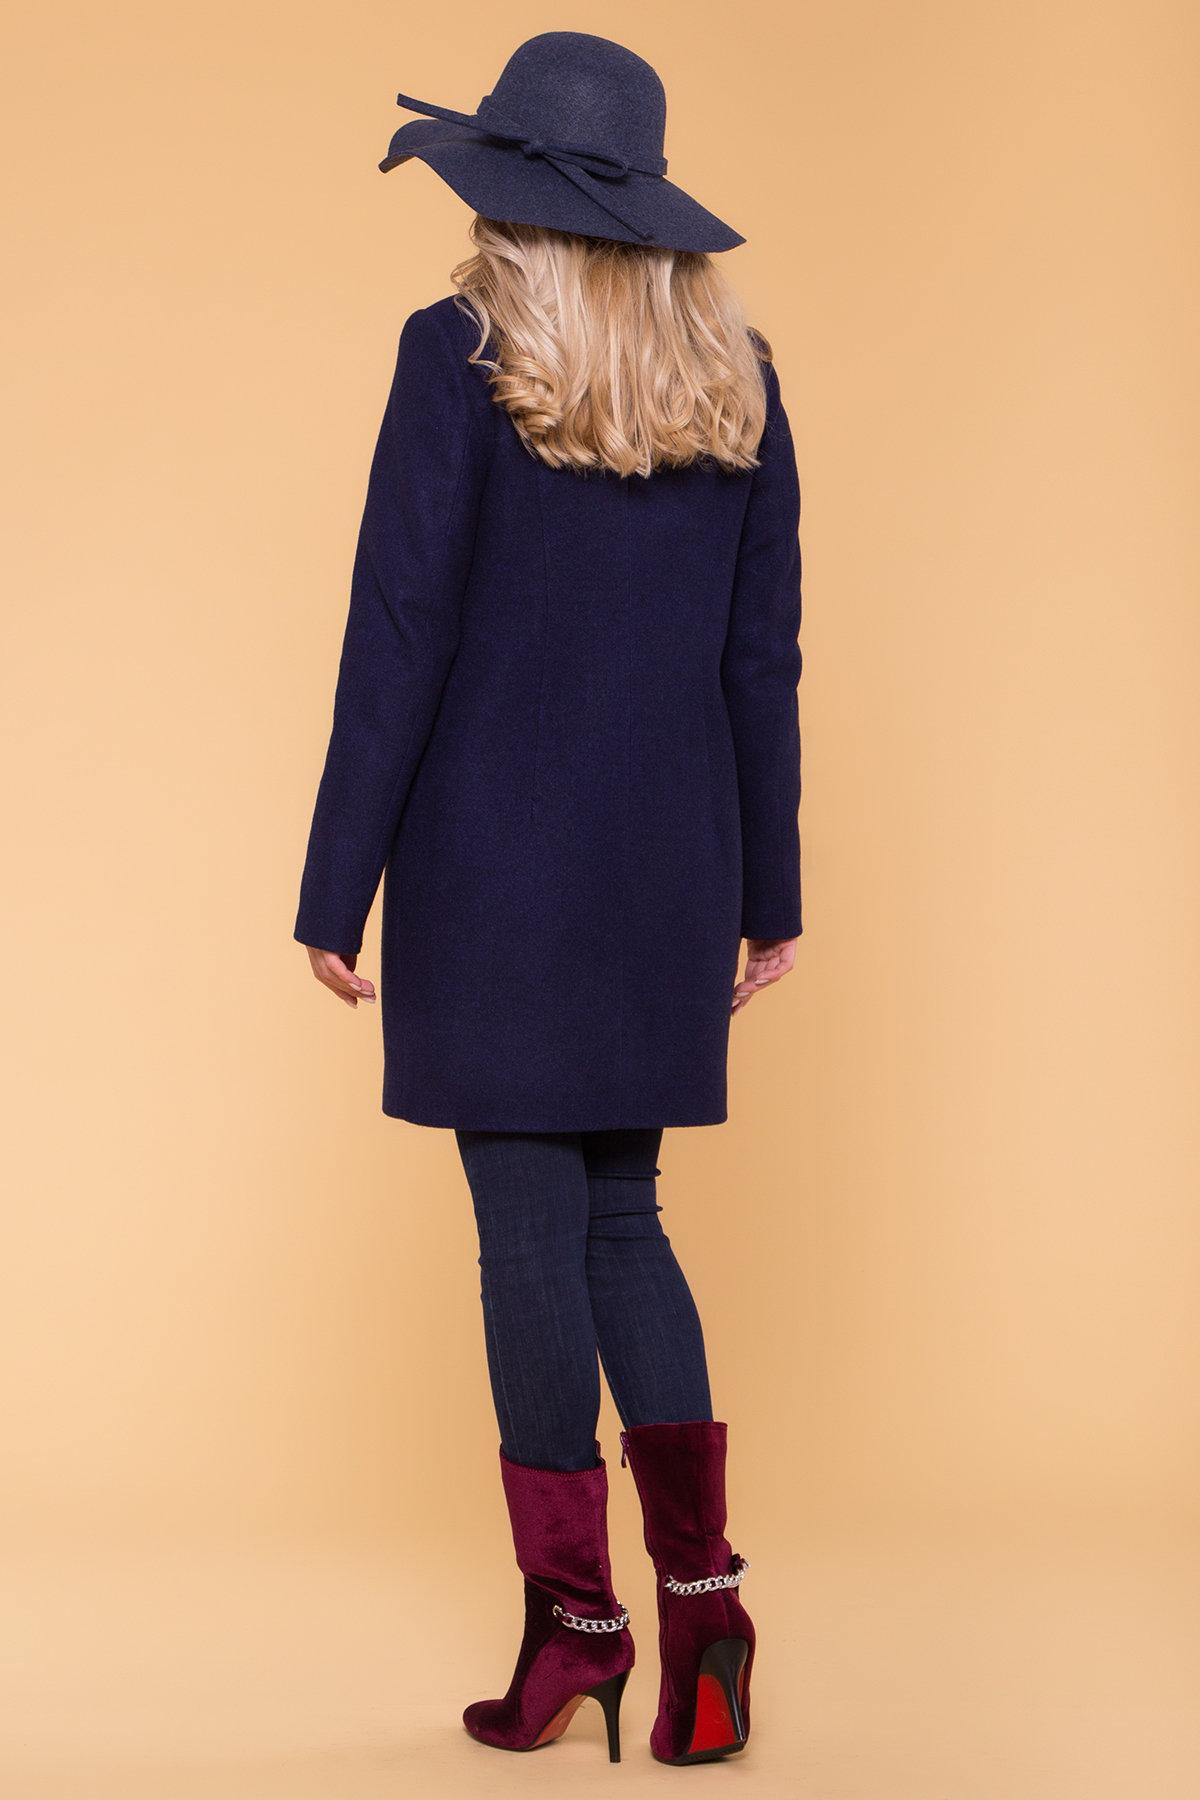 Зимнее пальто с хомутом Фортуна лайт 5802 АРТ. 40536 Цвет: Т.синий 17 - фото 2, интернет магазин tm-modus.ru